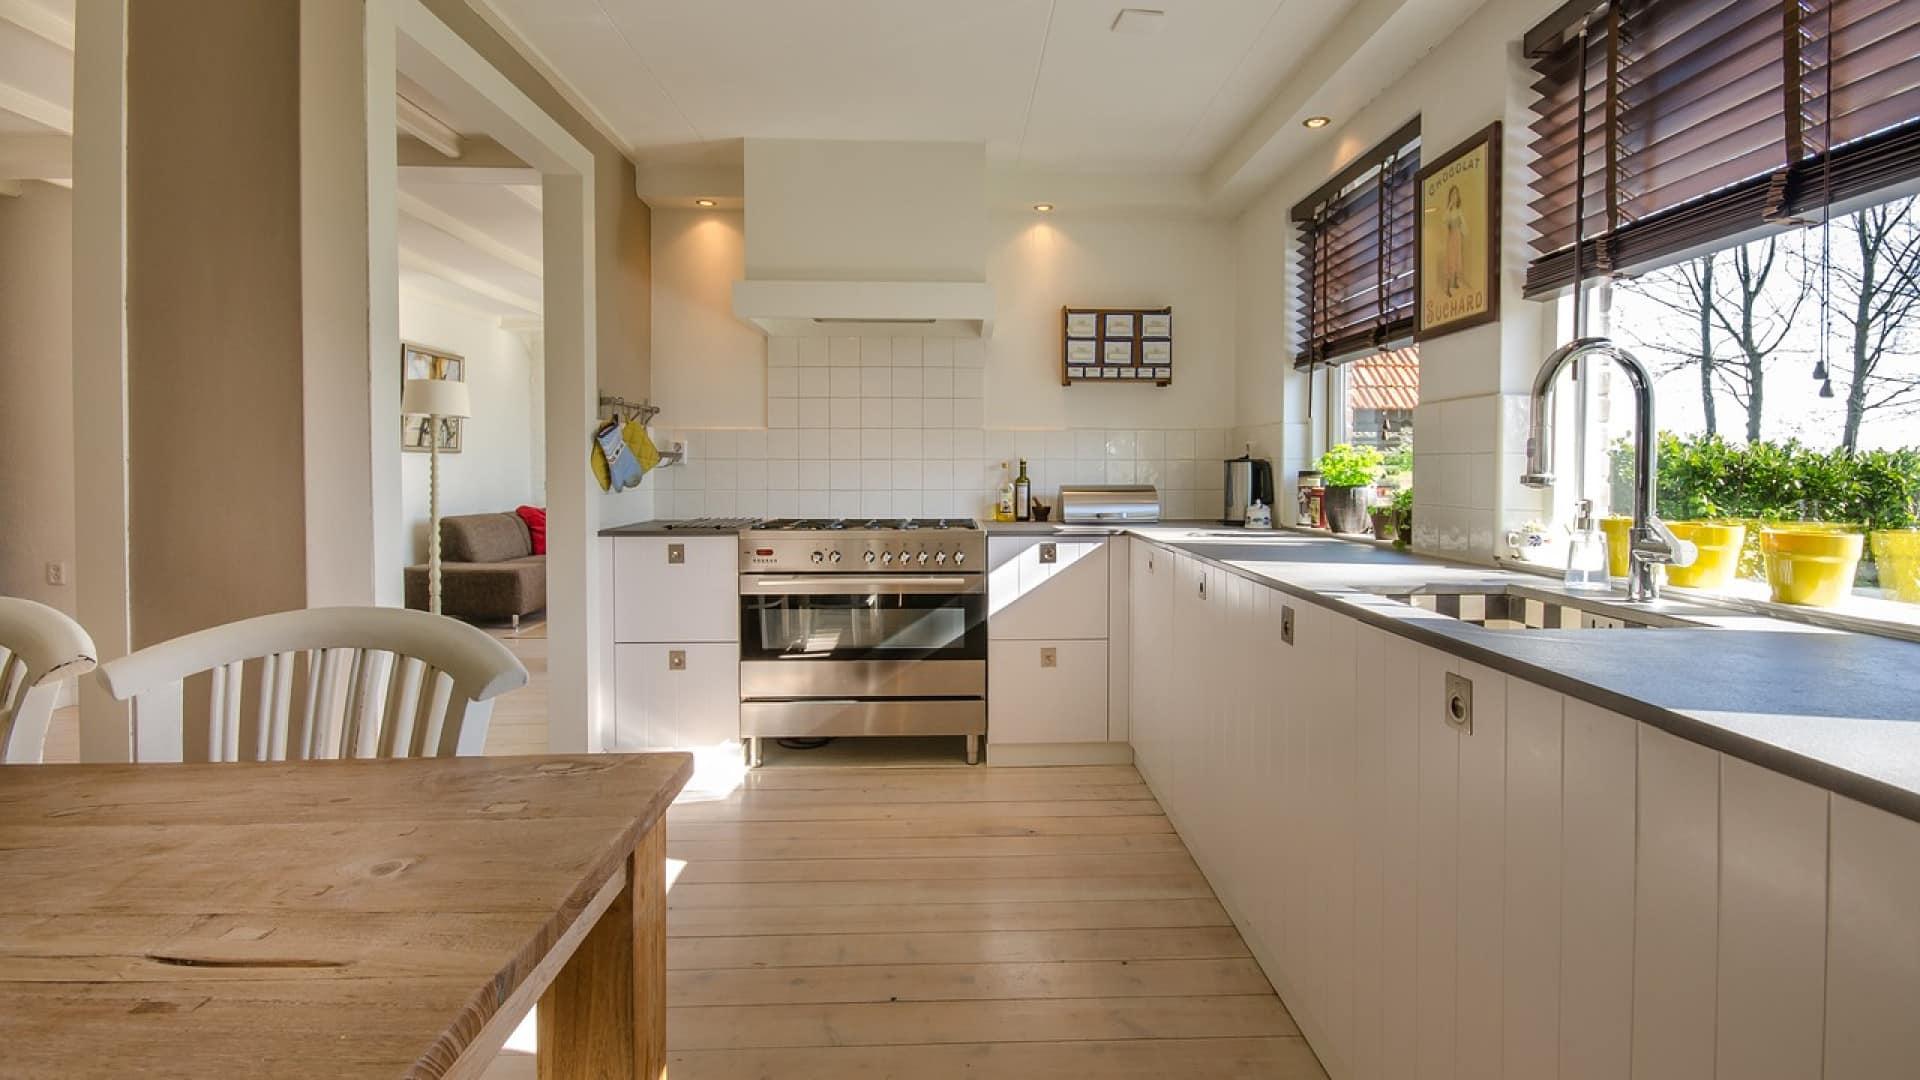 Quelles astuces pour réussir la décoration de votre cuisine ?